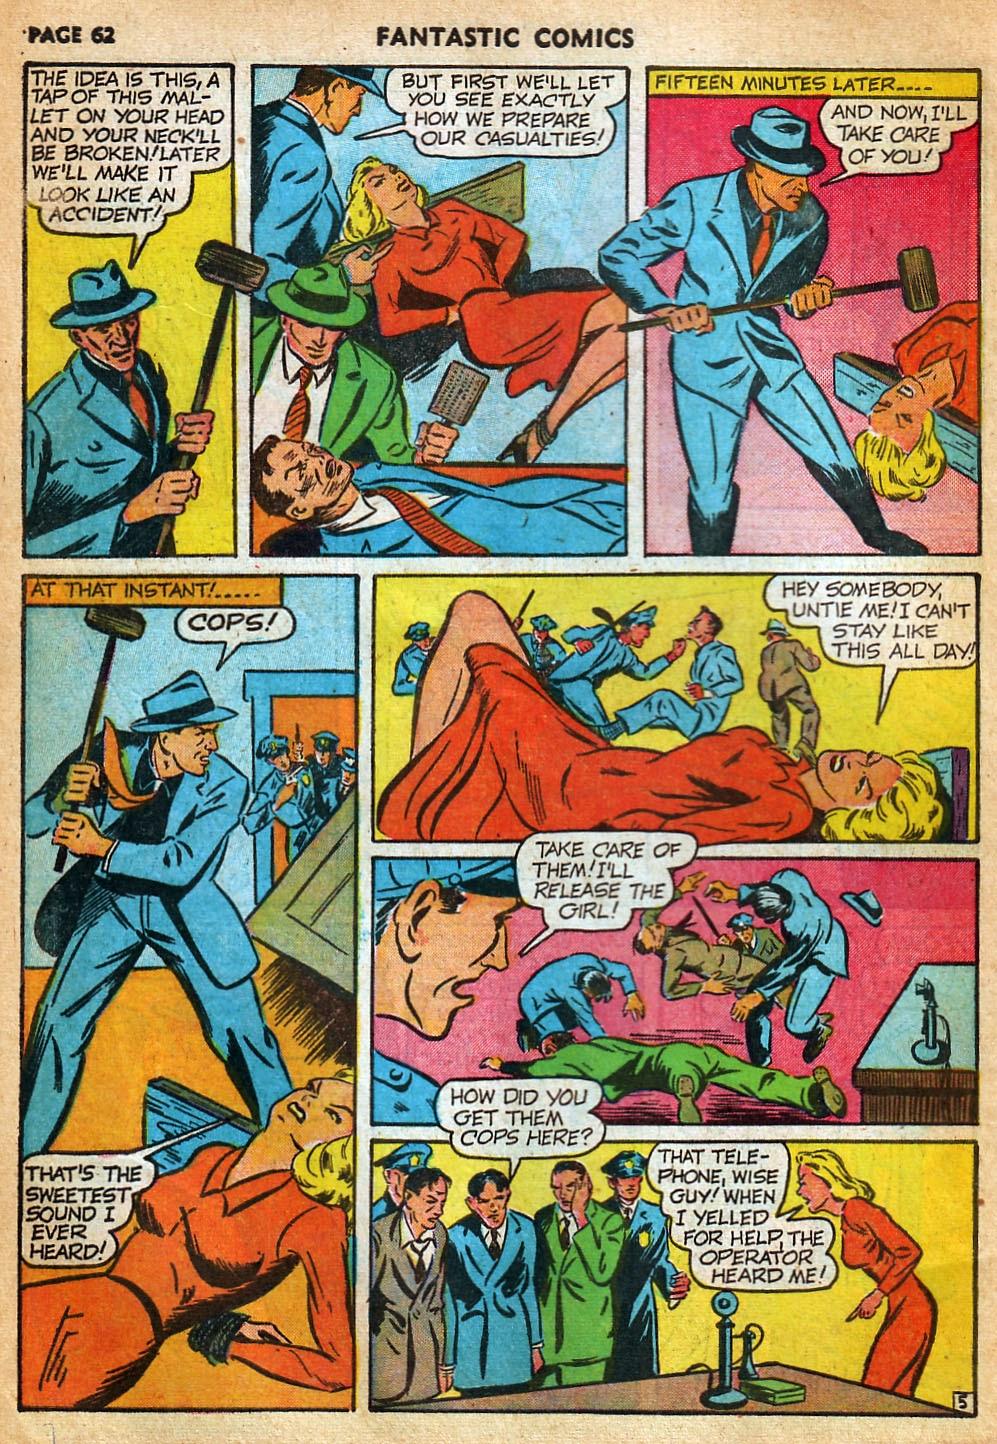 Read online Fantastic Comics comic -  Issue #22 - 63